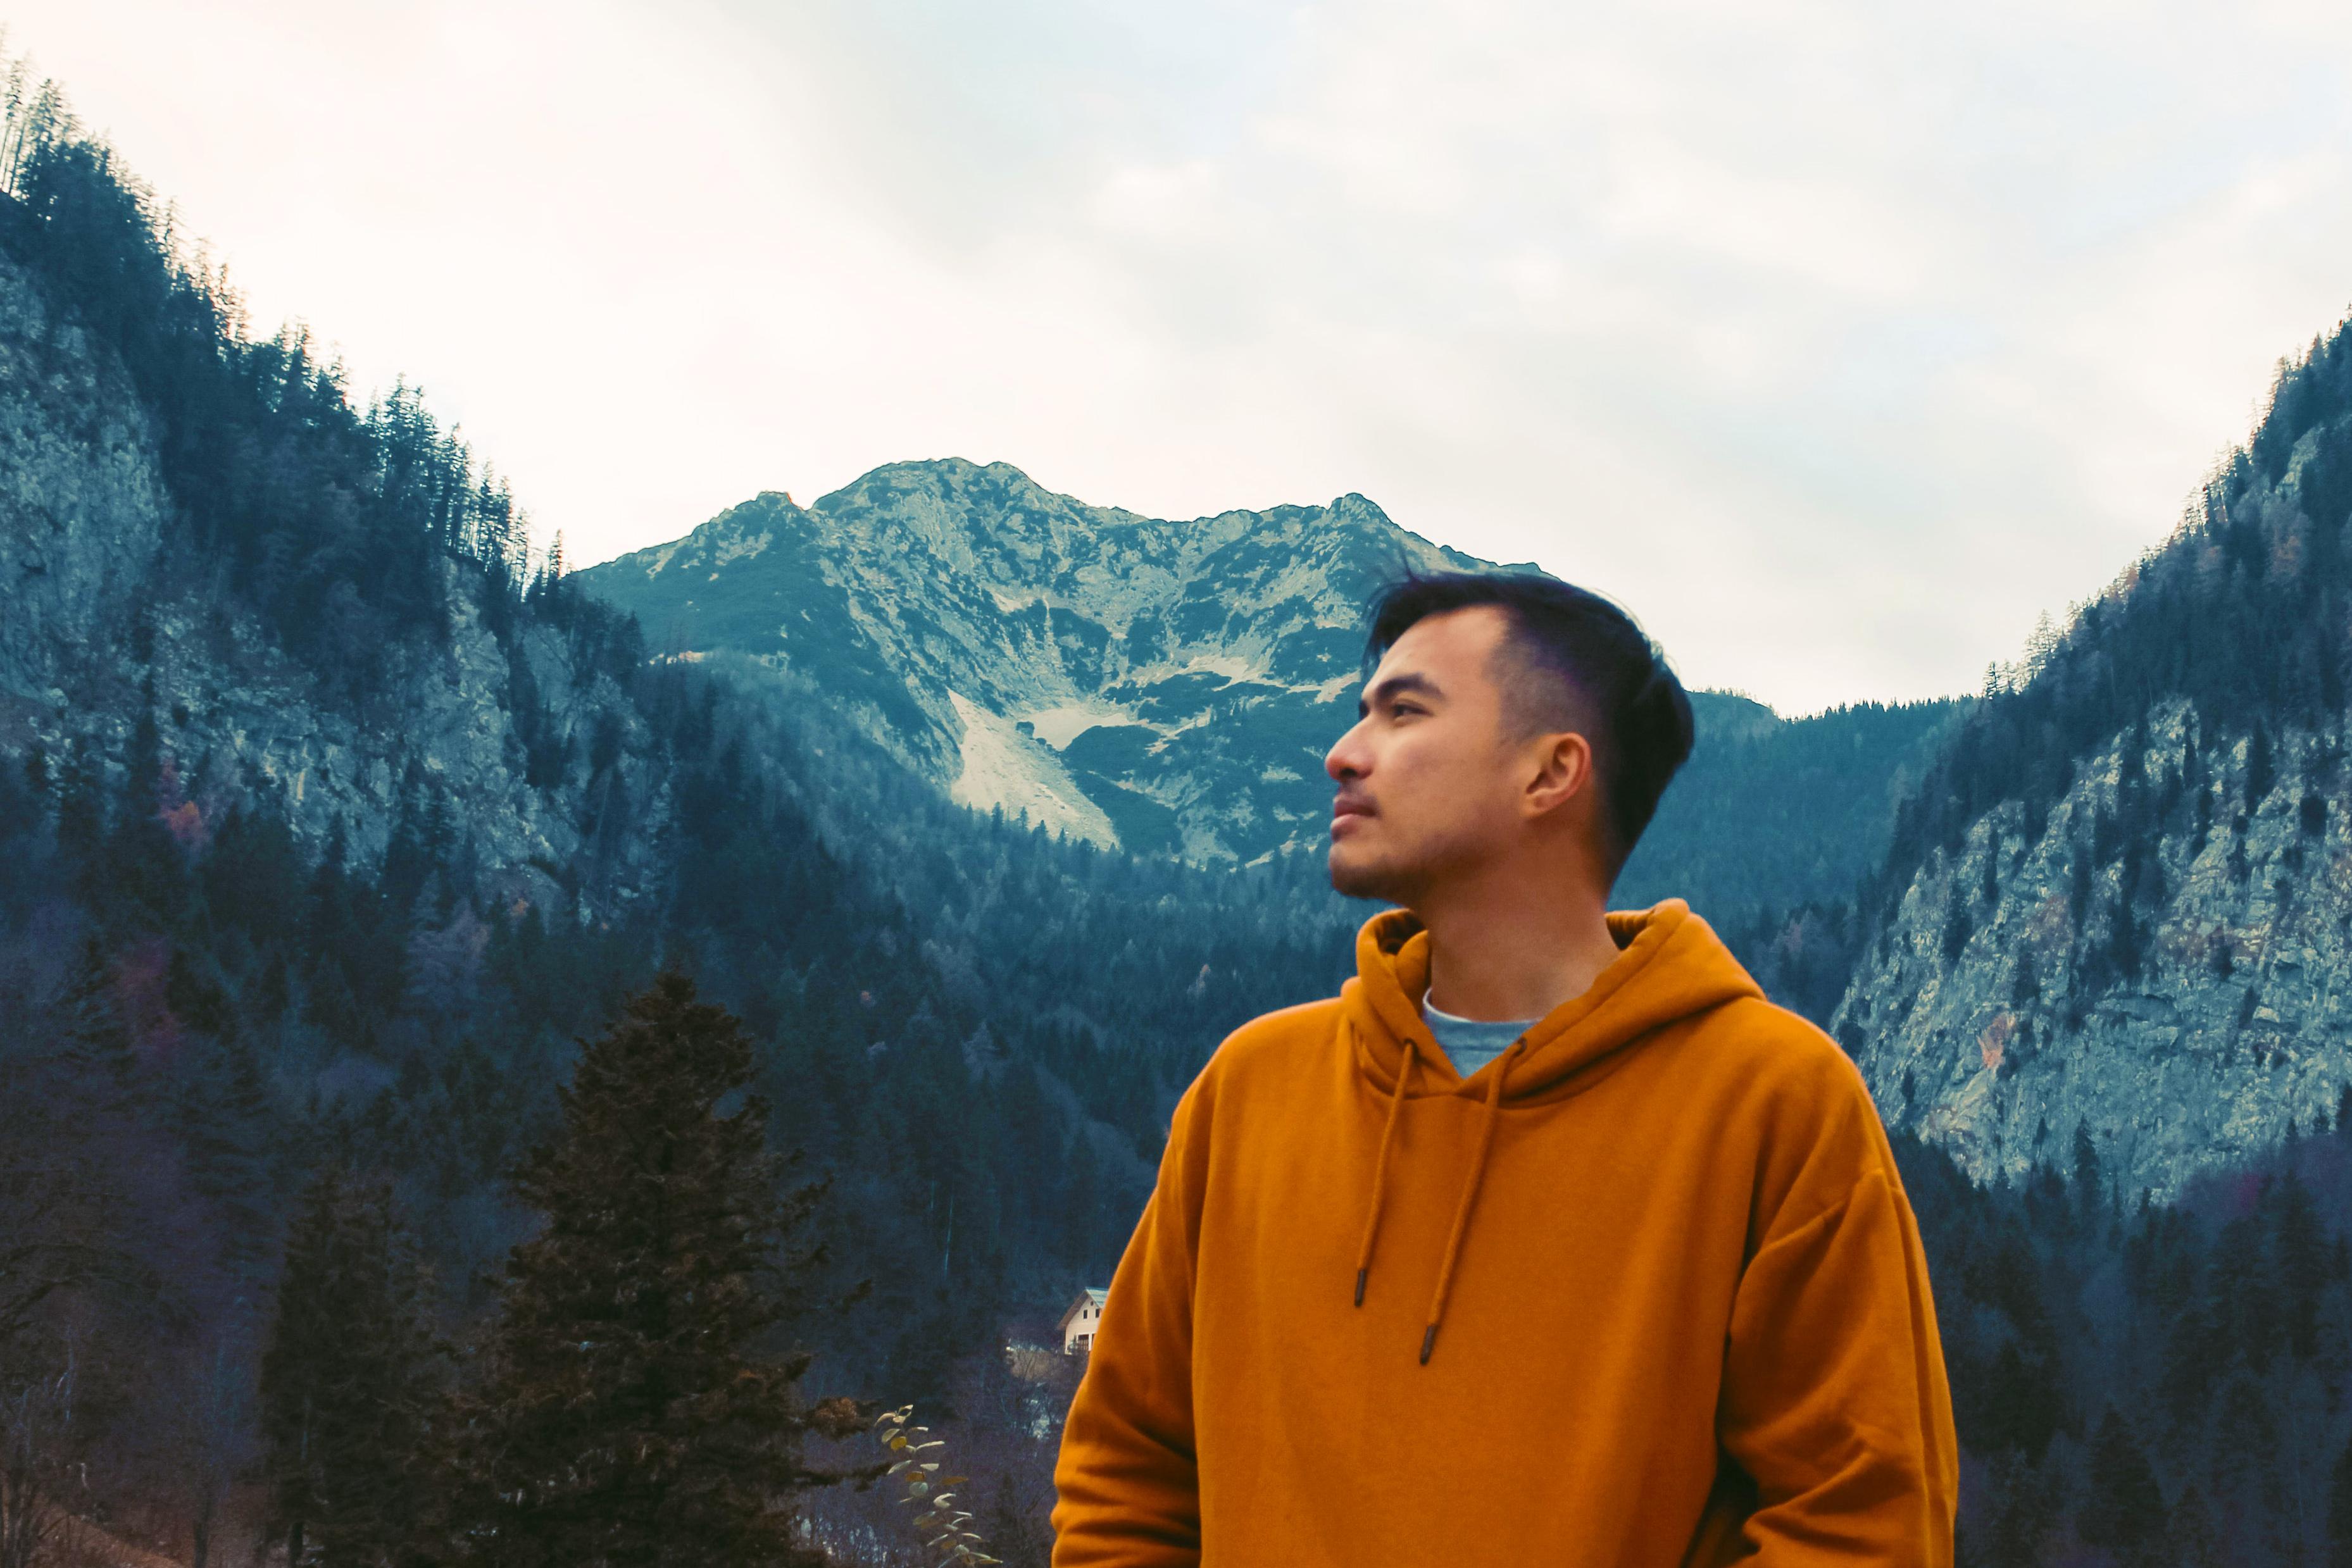 Làm Sao Để Trở Thành Travel Blogger? – Lý Thành Cơ